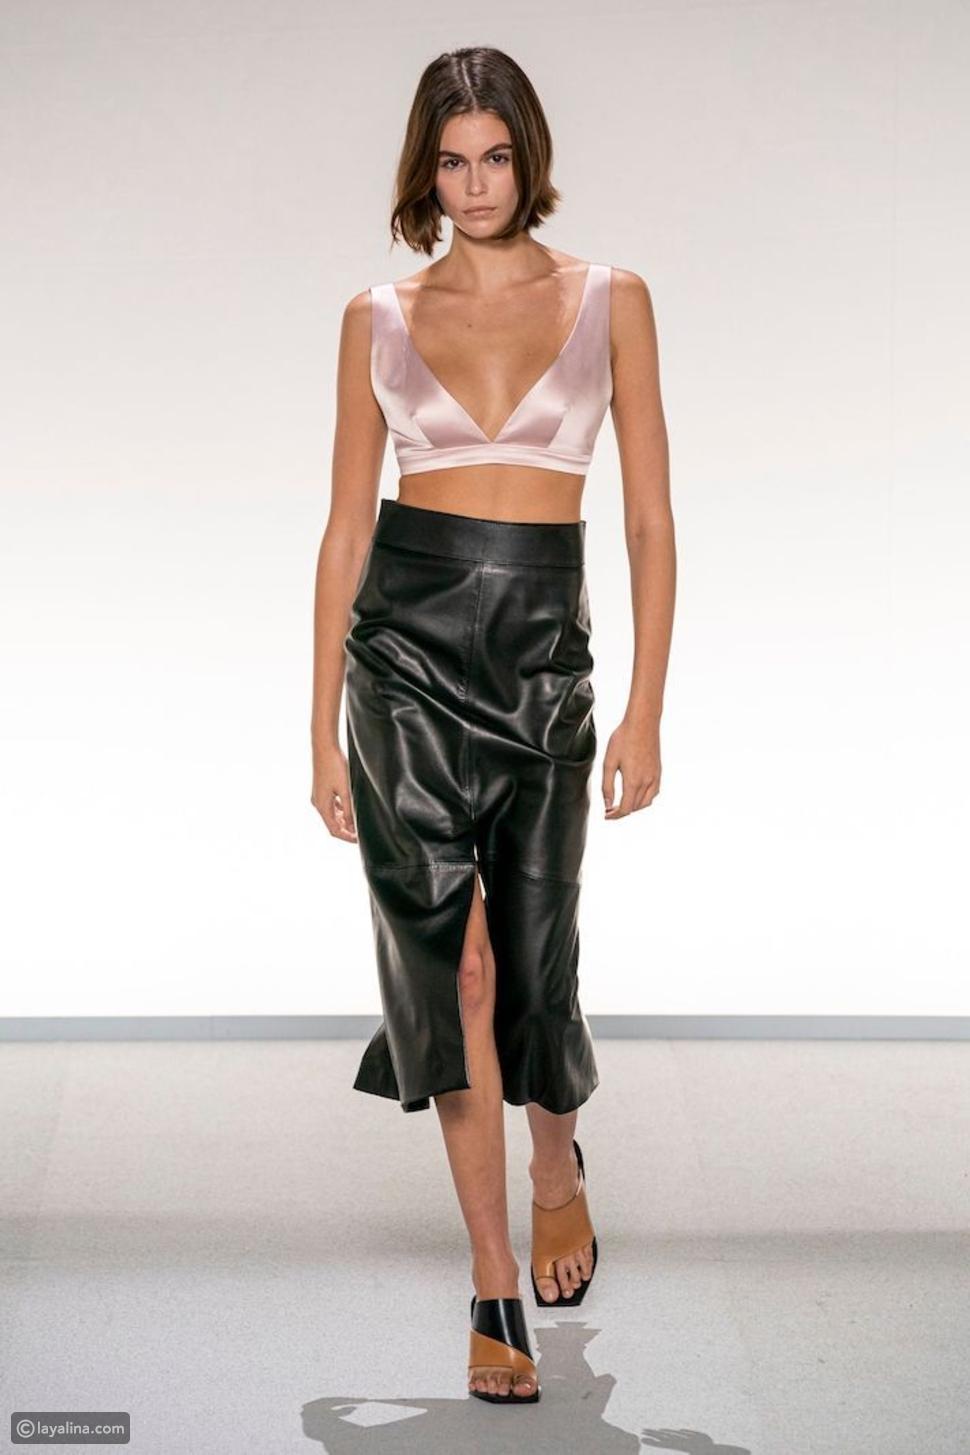 الملابس الداخليةBralette